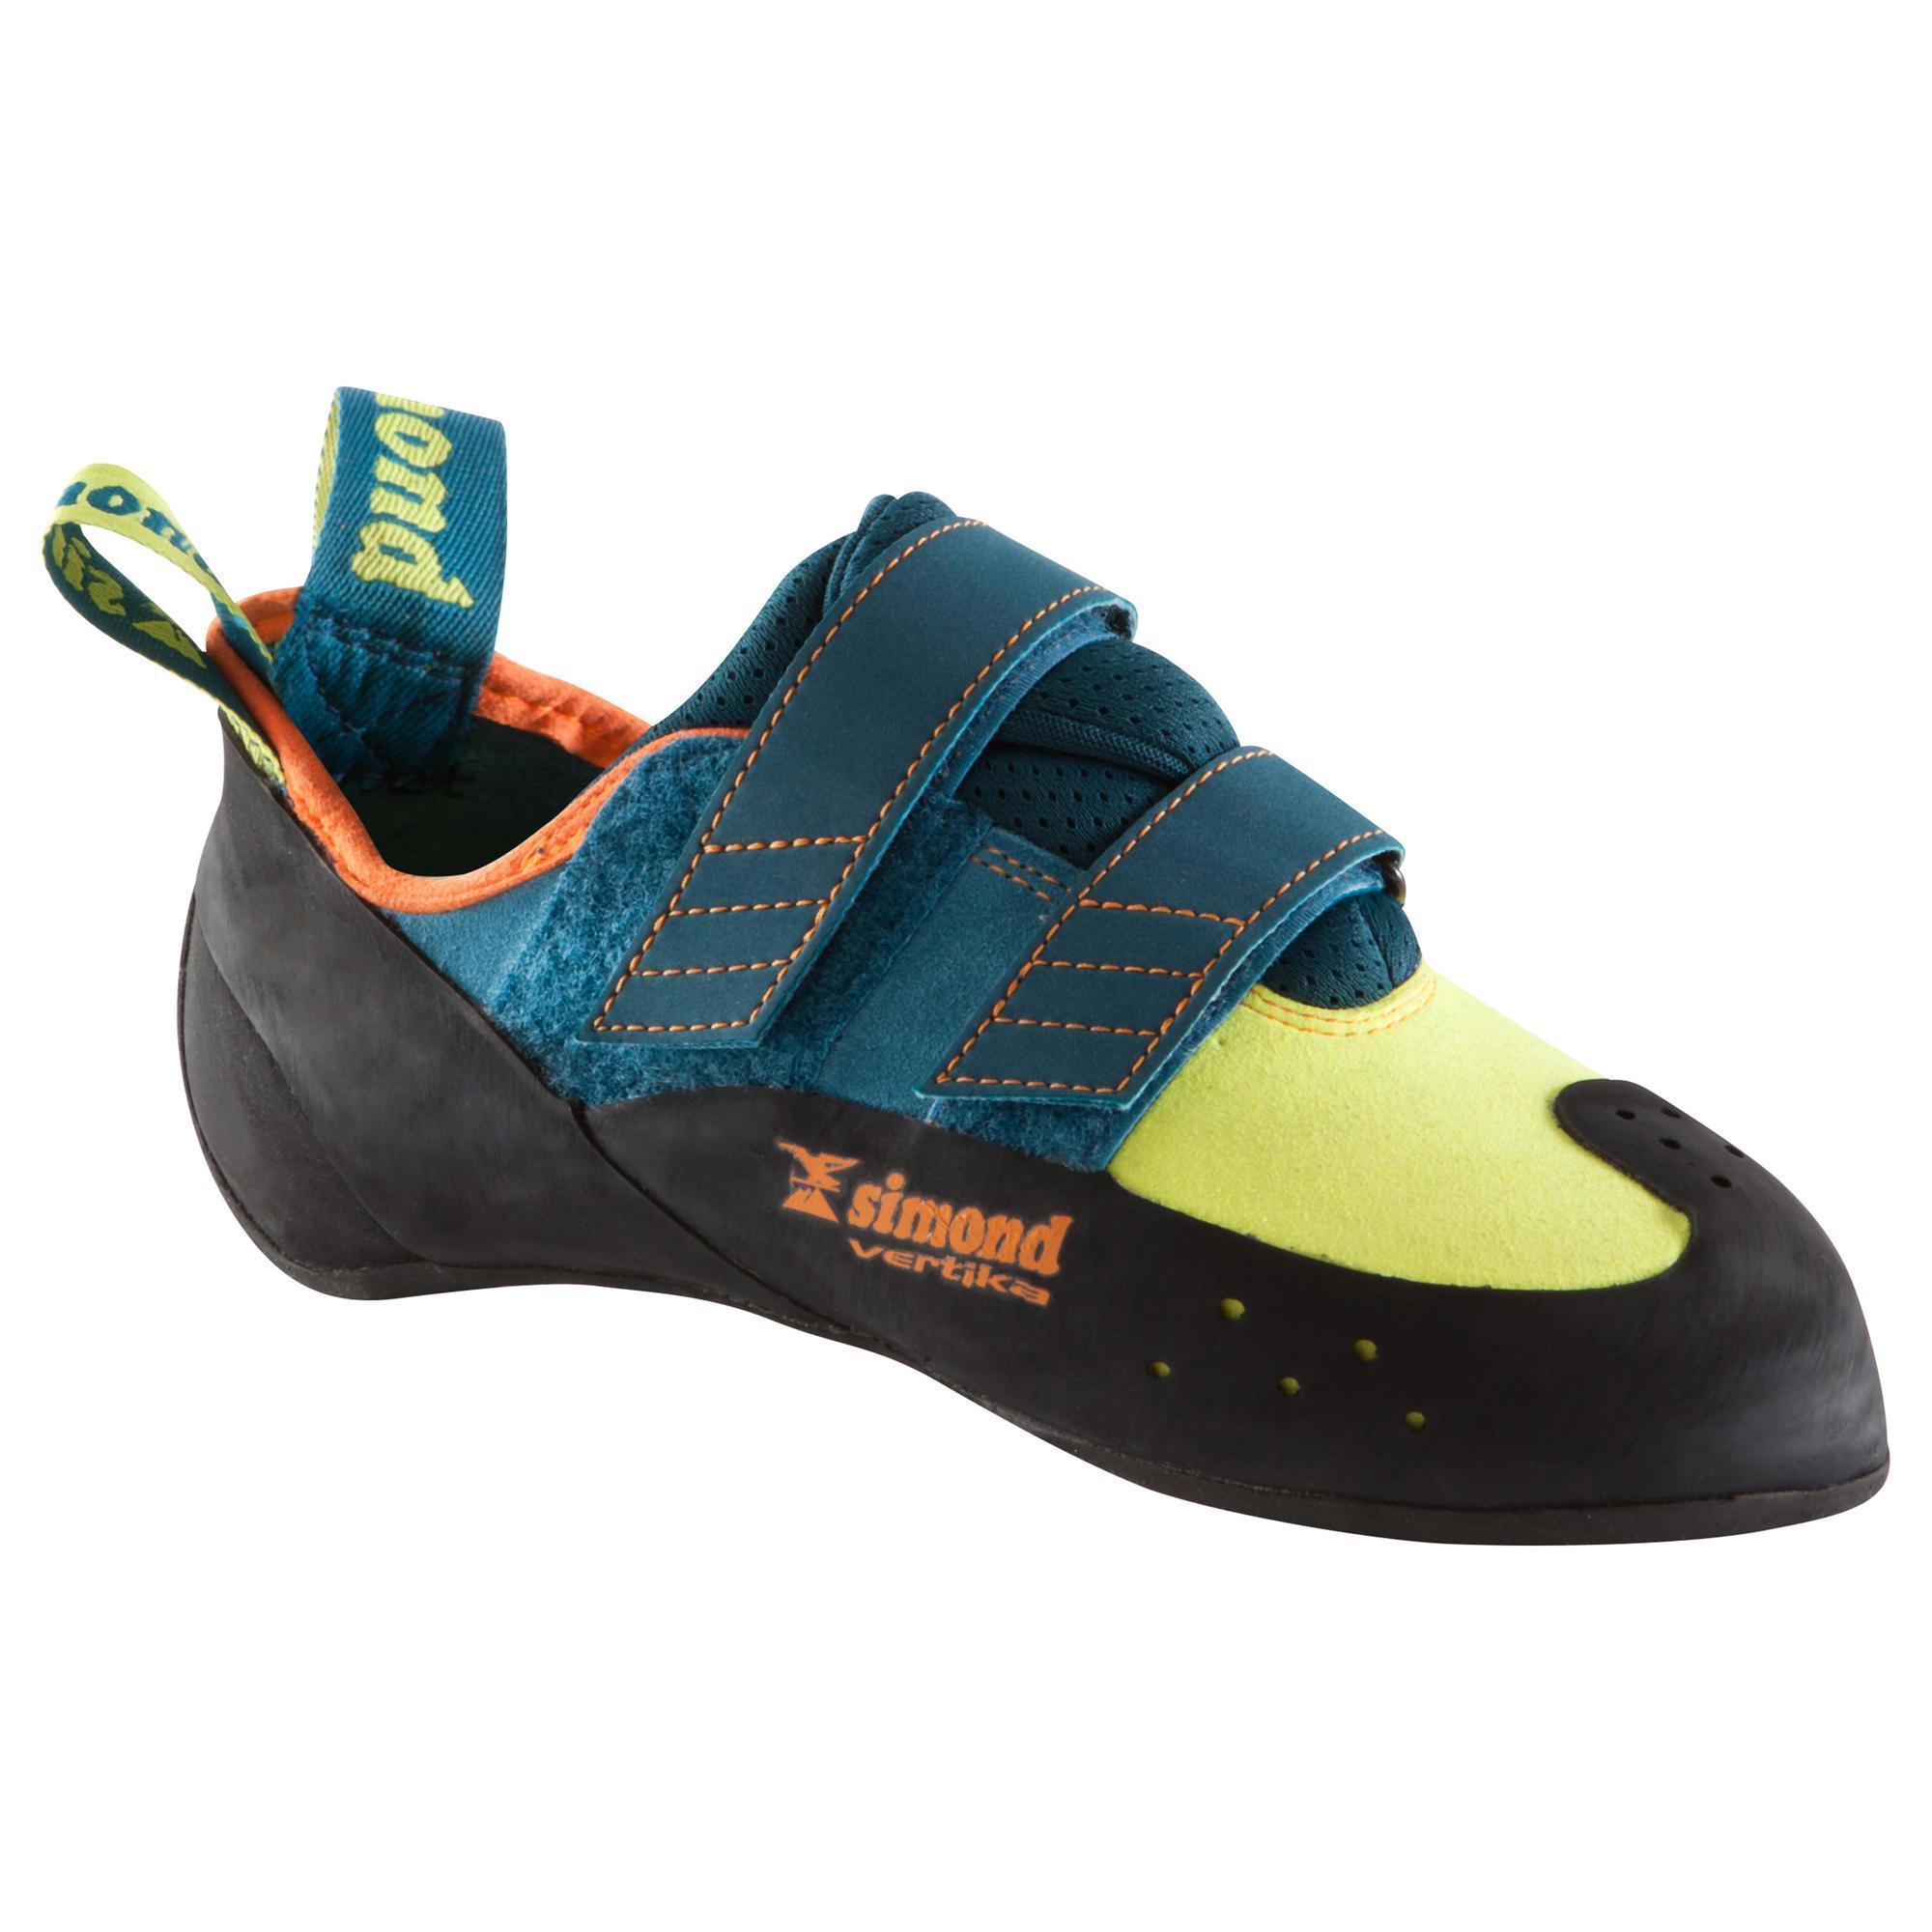 Kletterschuhe Vertika Klett Erwachsene | Schuhe > Outdoorschuhe > Kletterschuhe | Simond